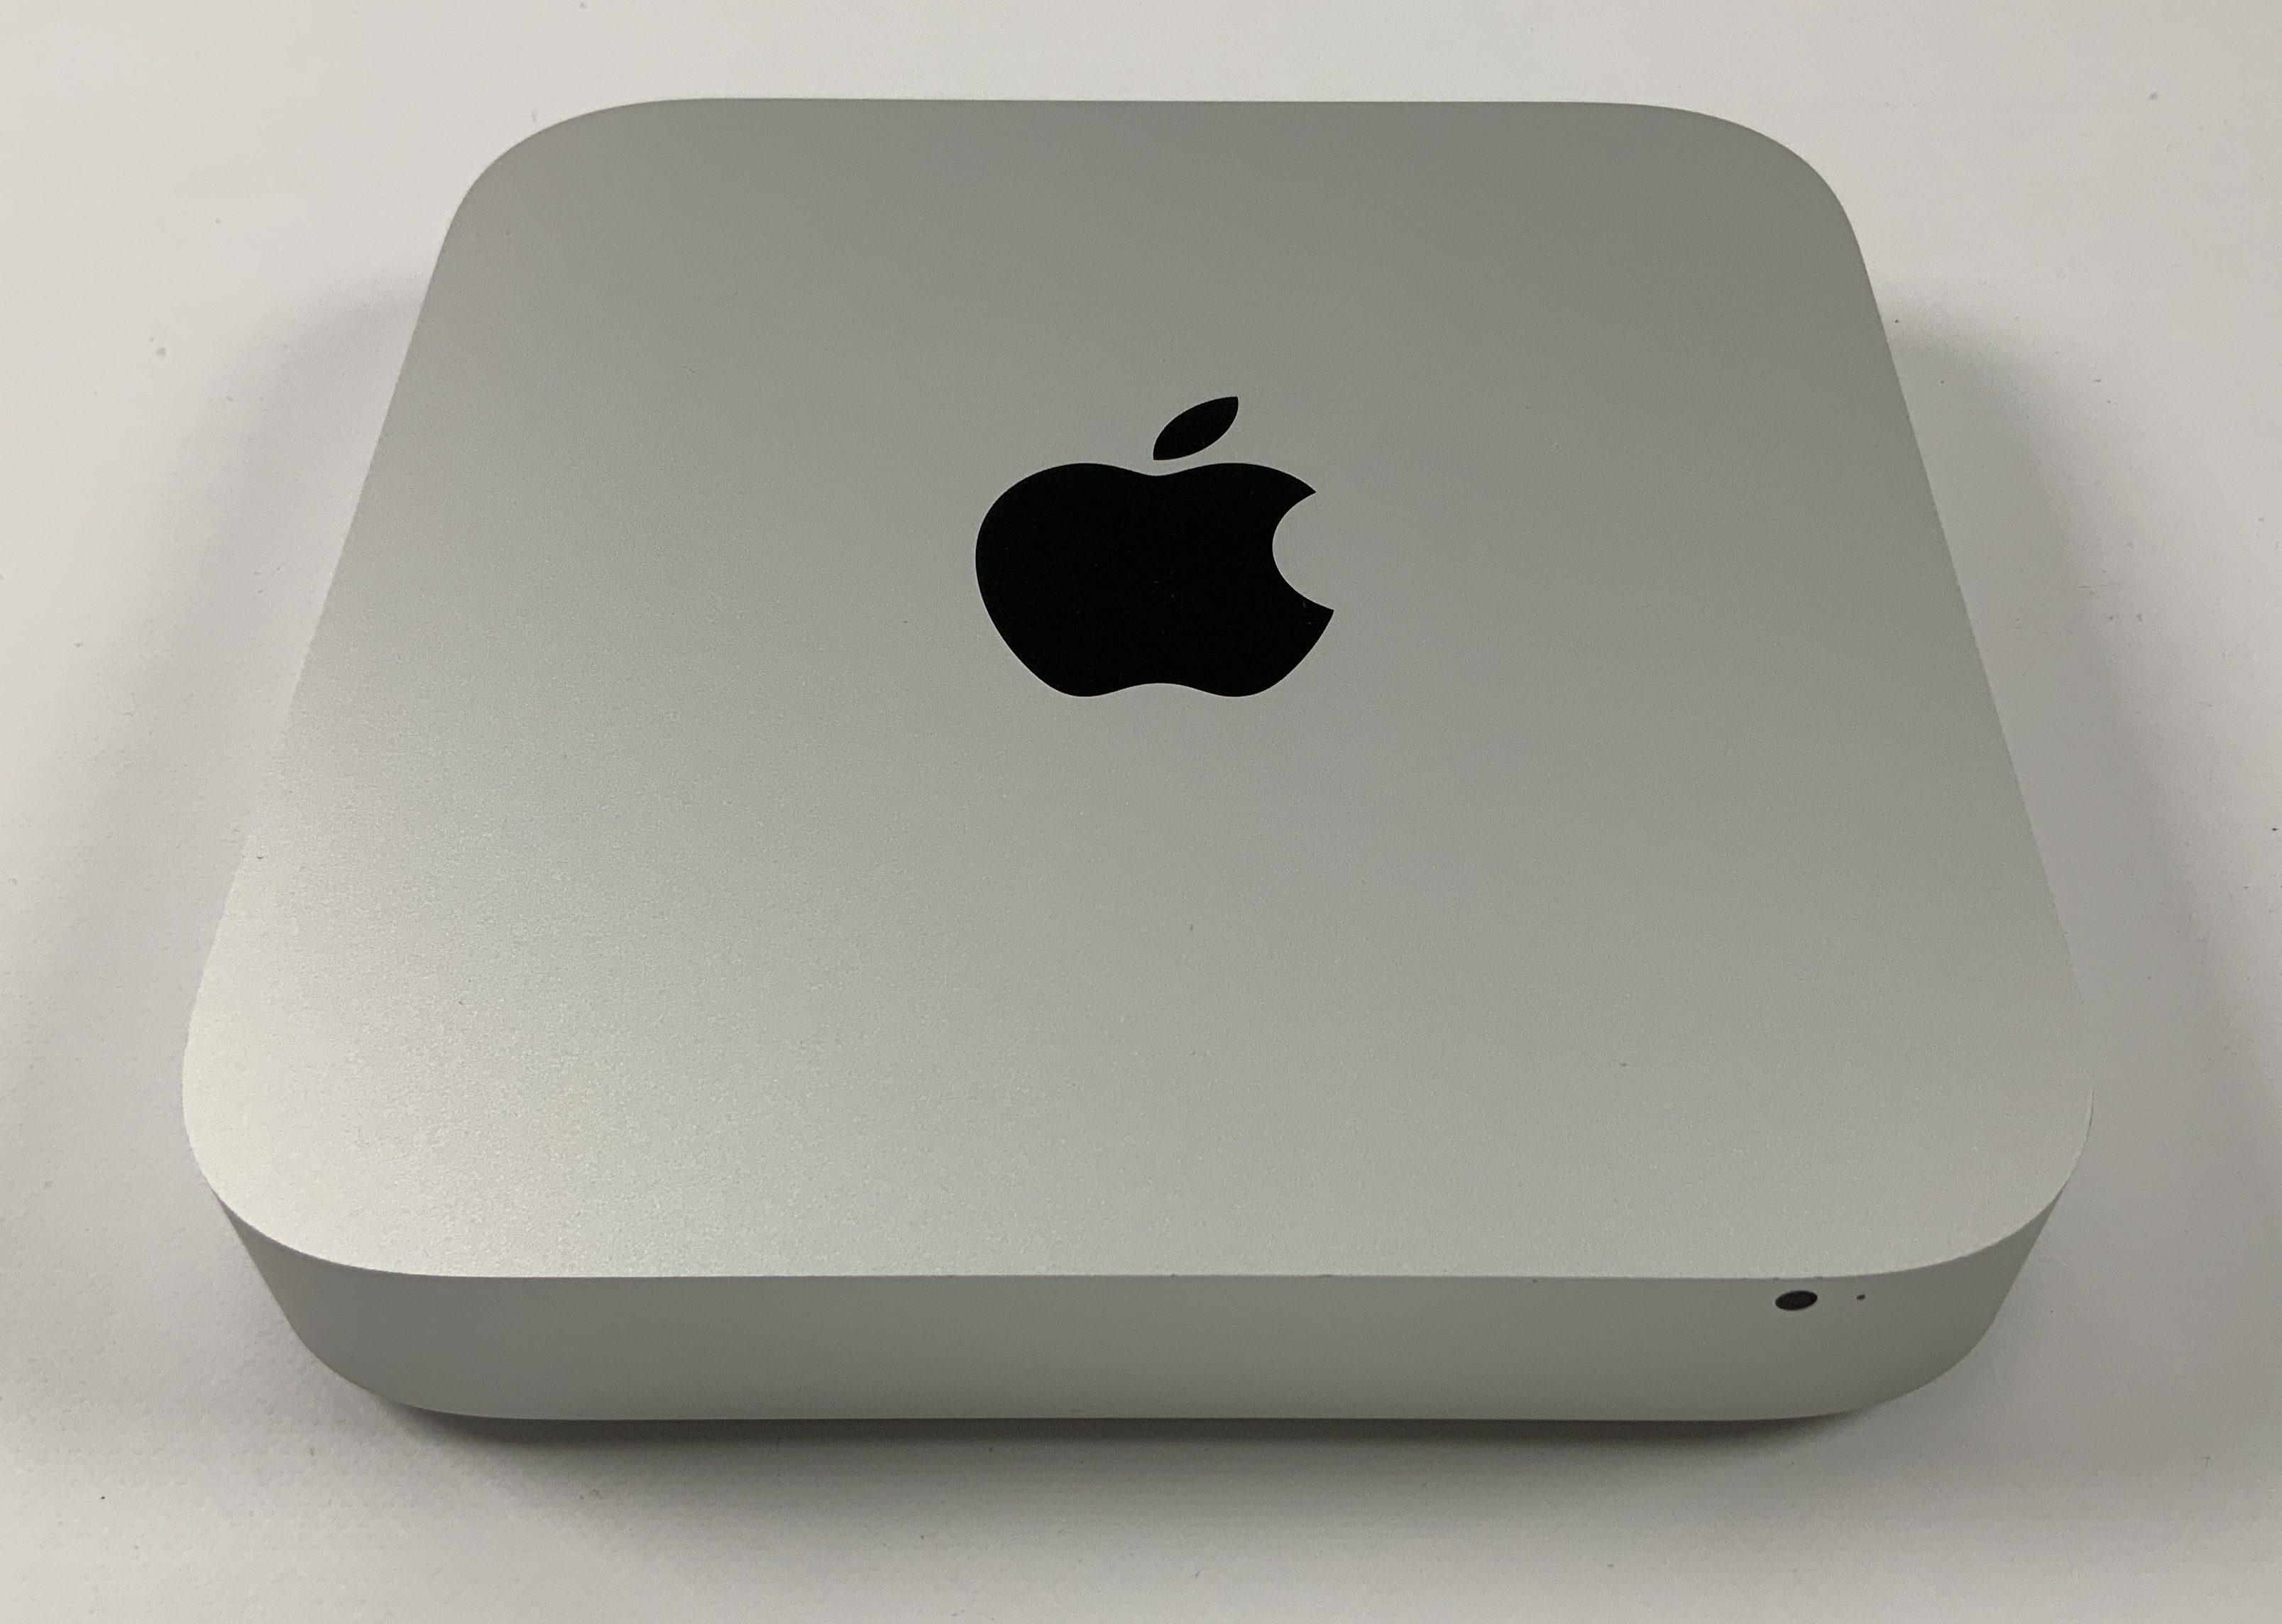 Mac Mini Late 2014 (Intel Core i5 2.6 GHz 8 GB RAM 1 TB HDD), Intel Core i5 2.6 GHz, 8 GB RAM, 1 TB HDD, obraz 1